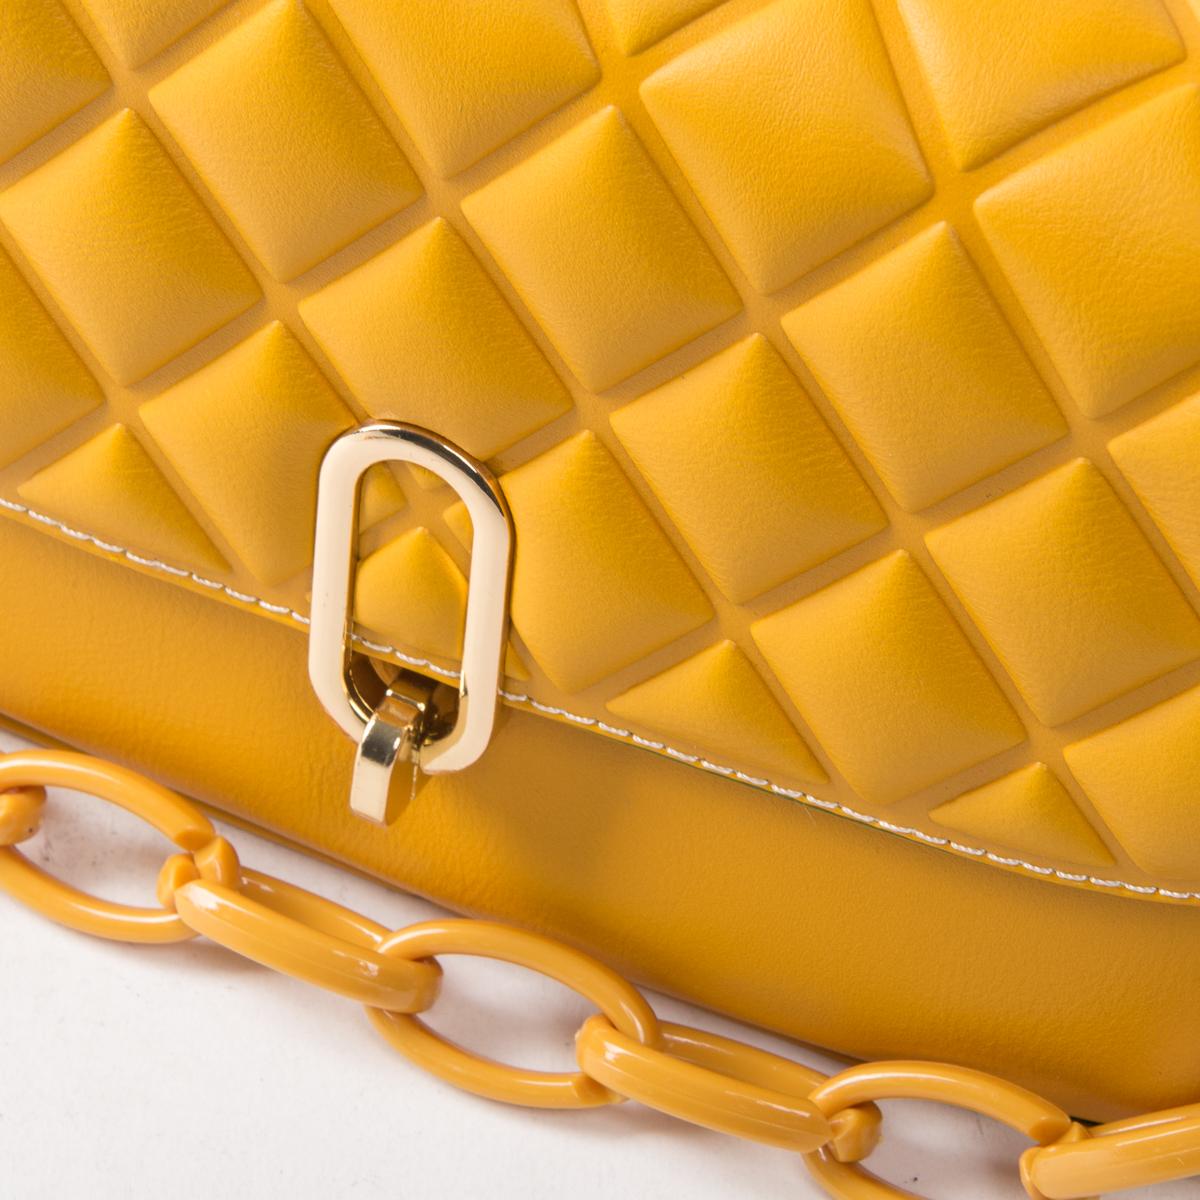 Сумка Женская Классическая иск-кожа FASHION 01-00 8697 yellow - фото 3